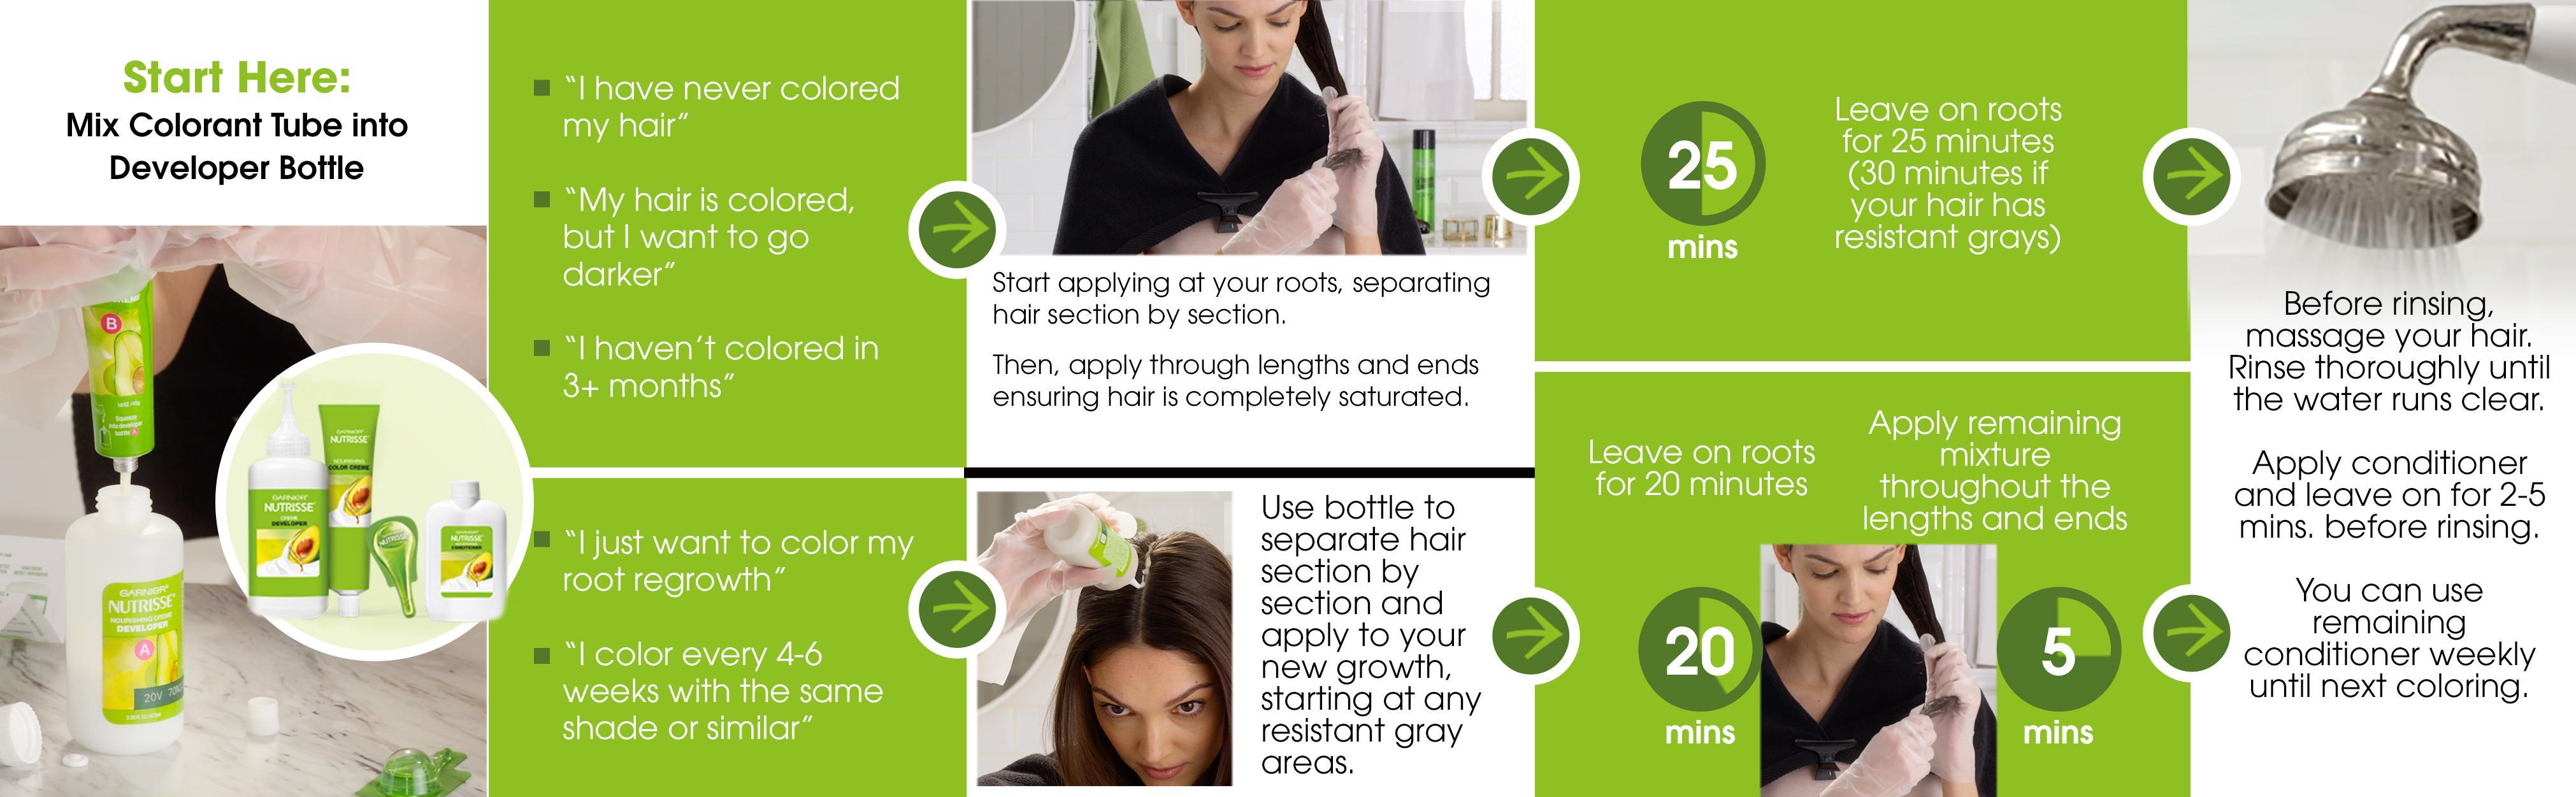 Amazon.com: Garnier Nutrisse Nourishing Color Creme 61 Light Ash ...